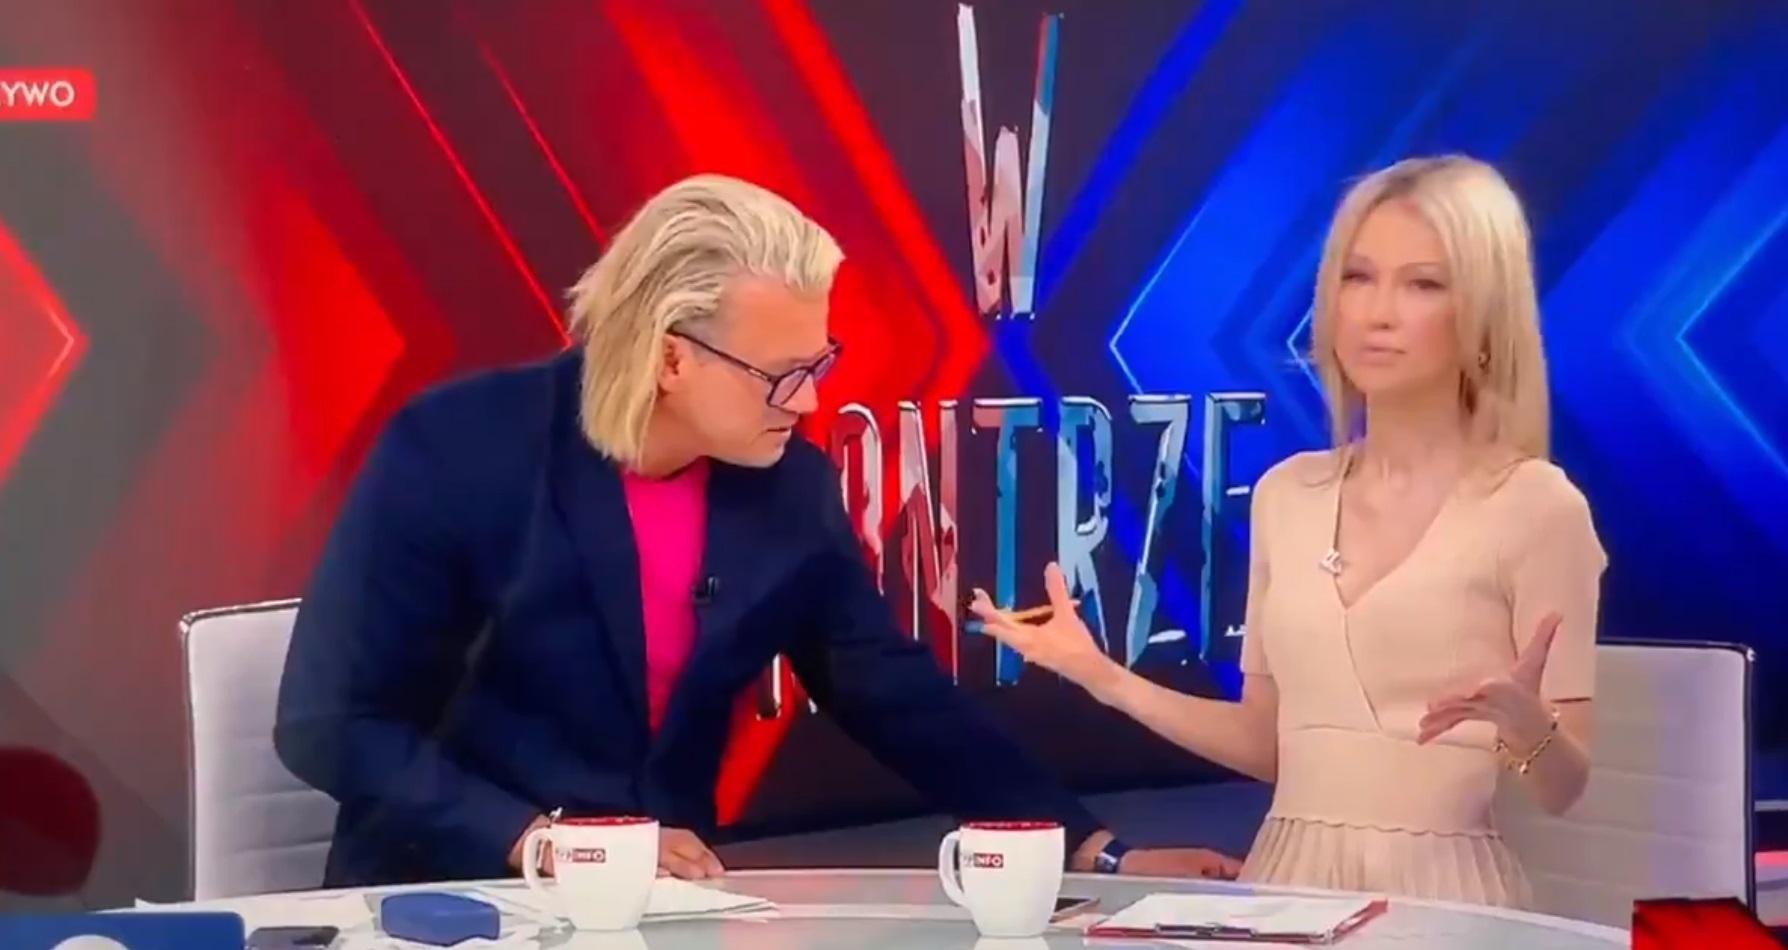 Jarosław Jakimowicz podczas wspólnego programu z Magdaleną Ogórek, chwycił za sukienkę koleżanki co wyraźnie nie jej nie spodobało